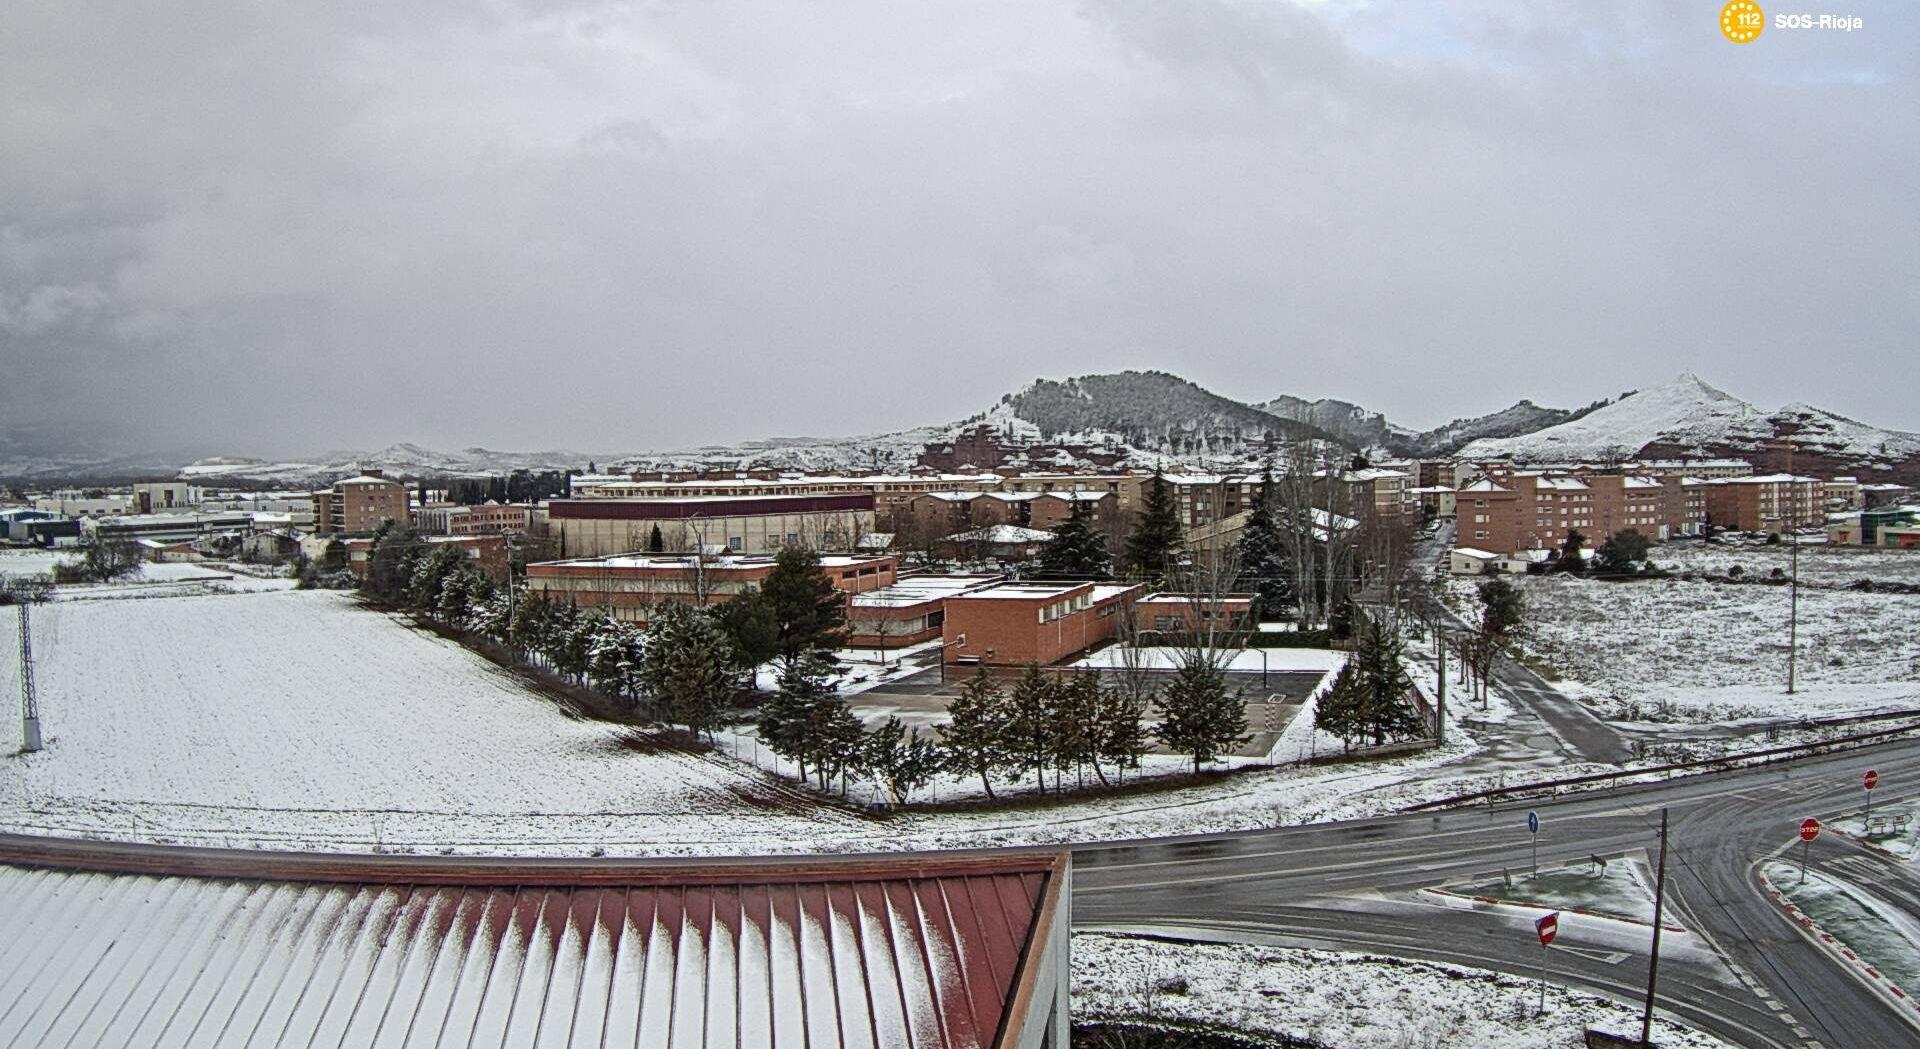 Primera nevada del año en La Rioja: cadenas en la AP-68 y seis puertos cerrados 4